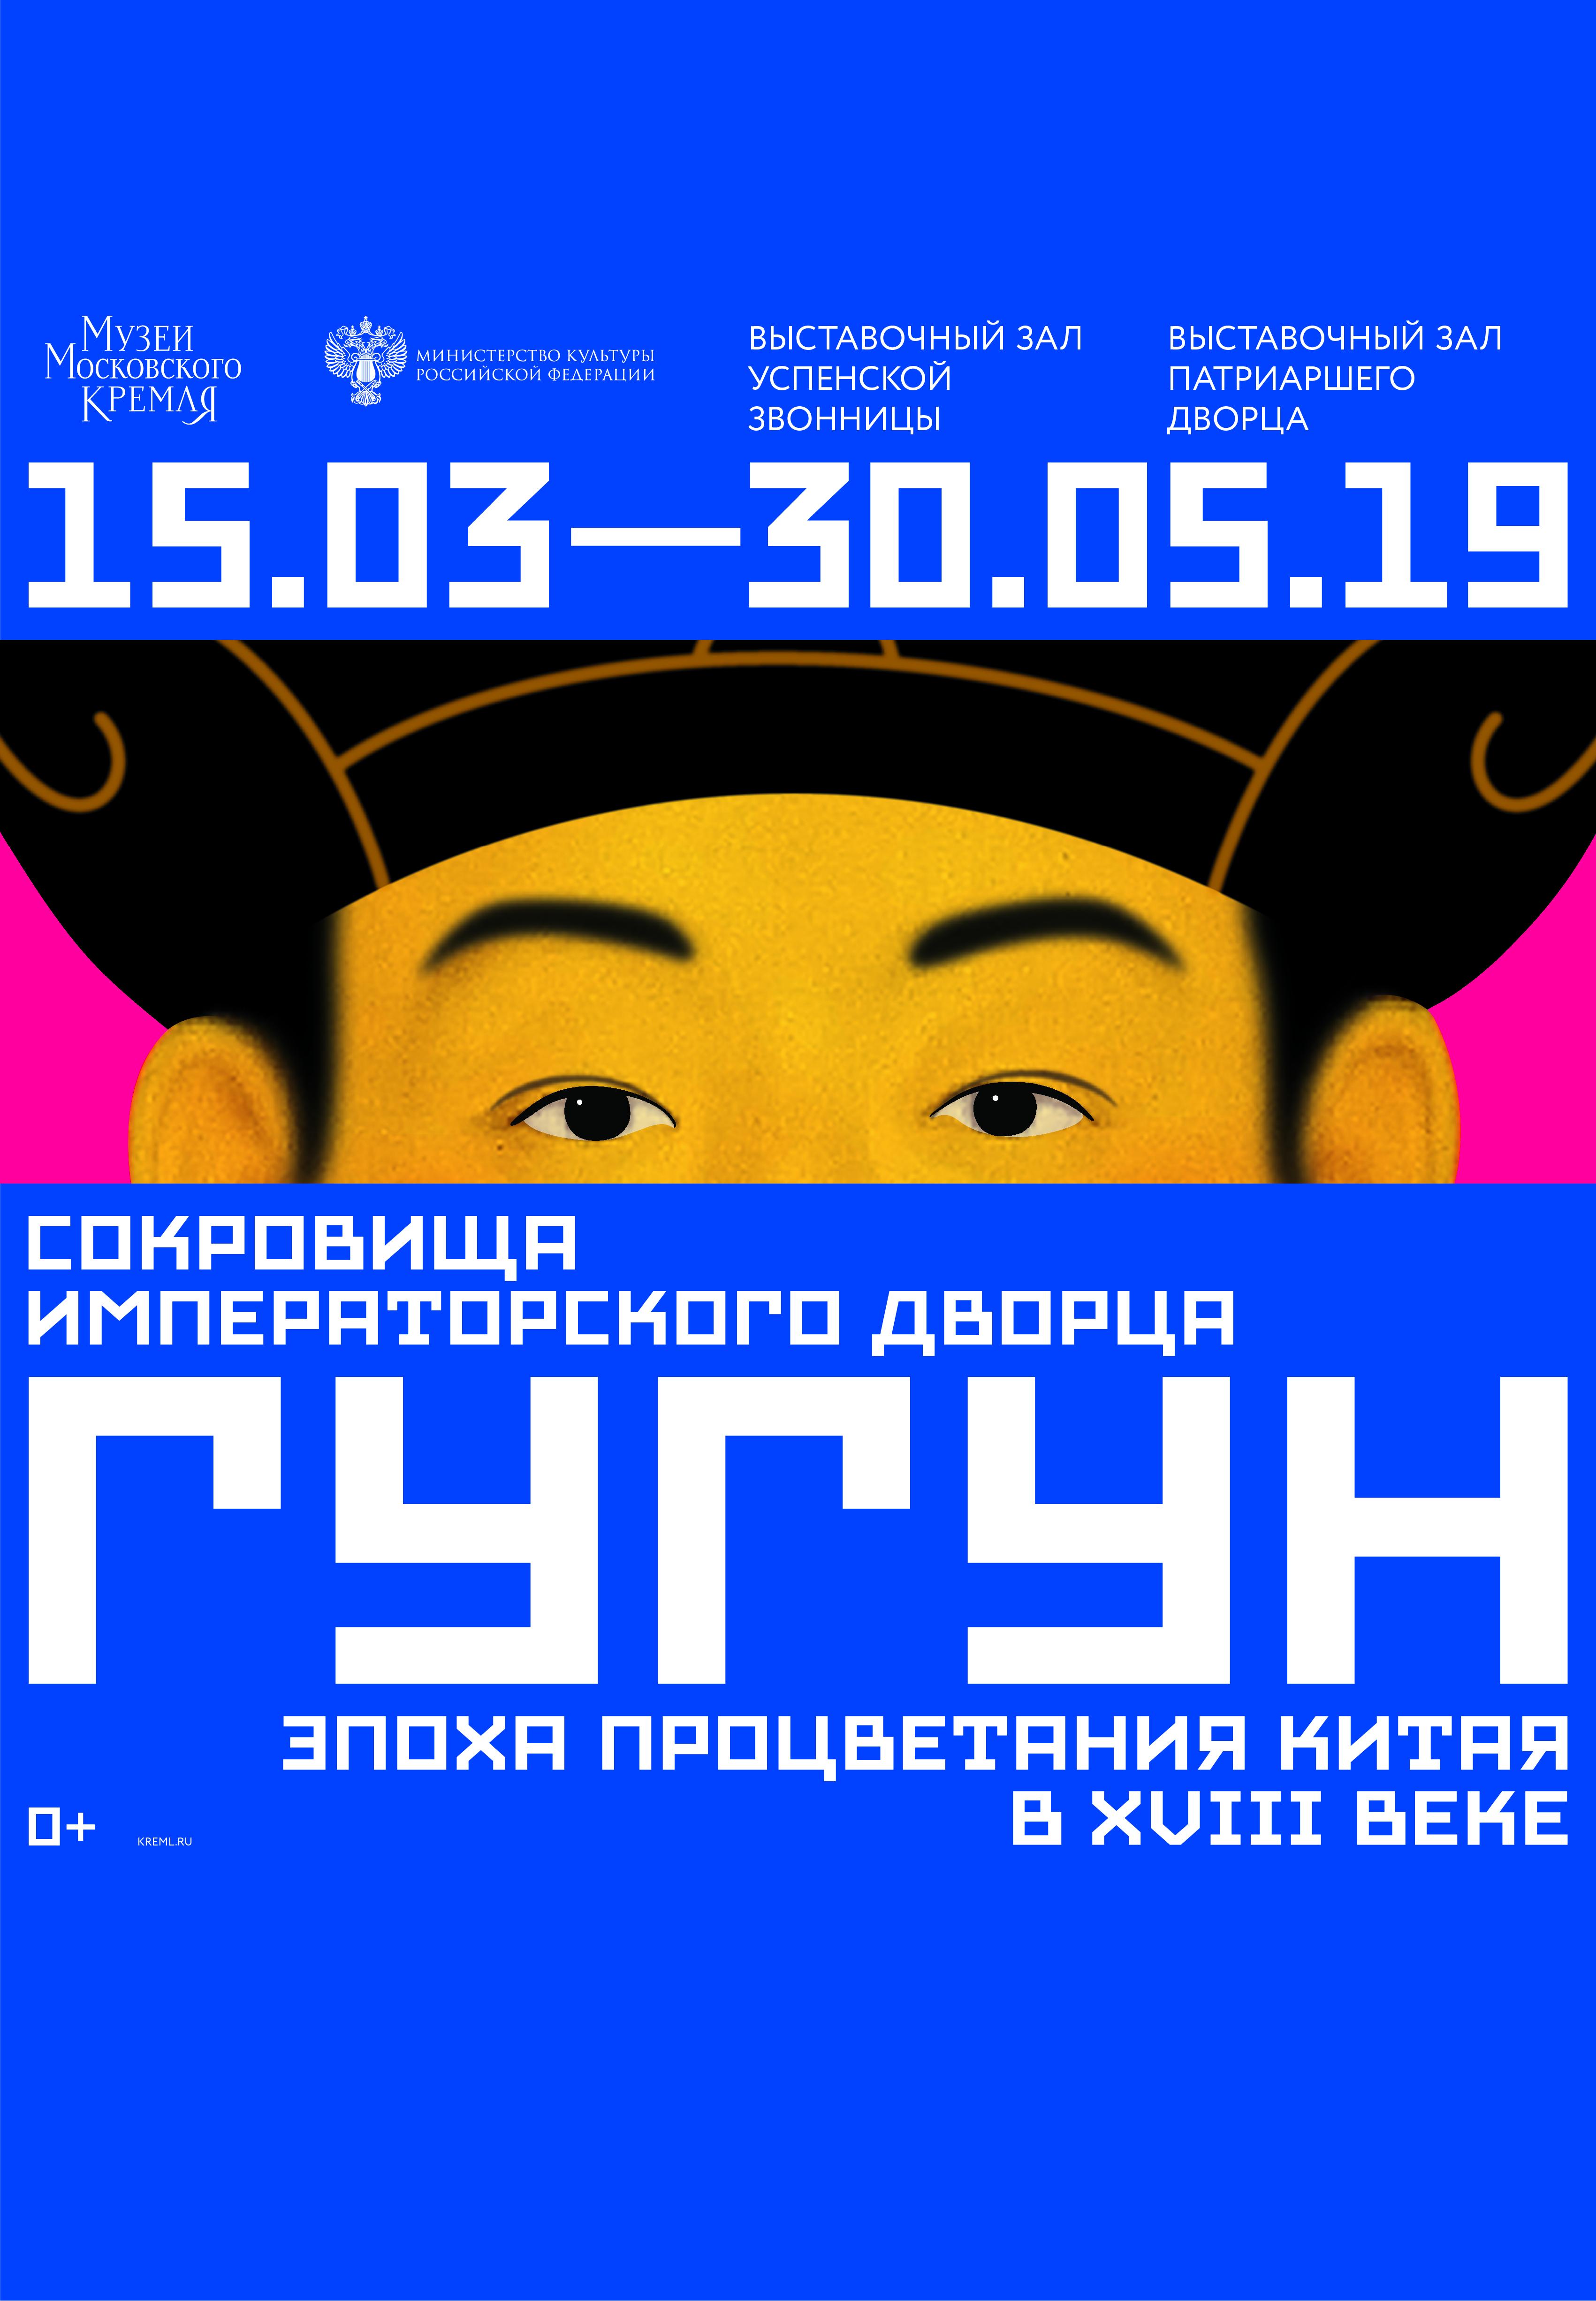 """Экспозиция """" Сокровища императорского дворца Гугун """" открывается в Музеях Московского Кремля"""